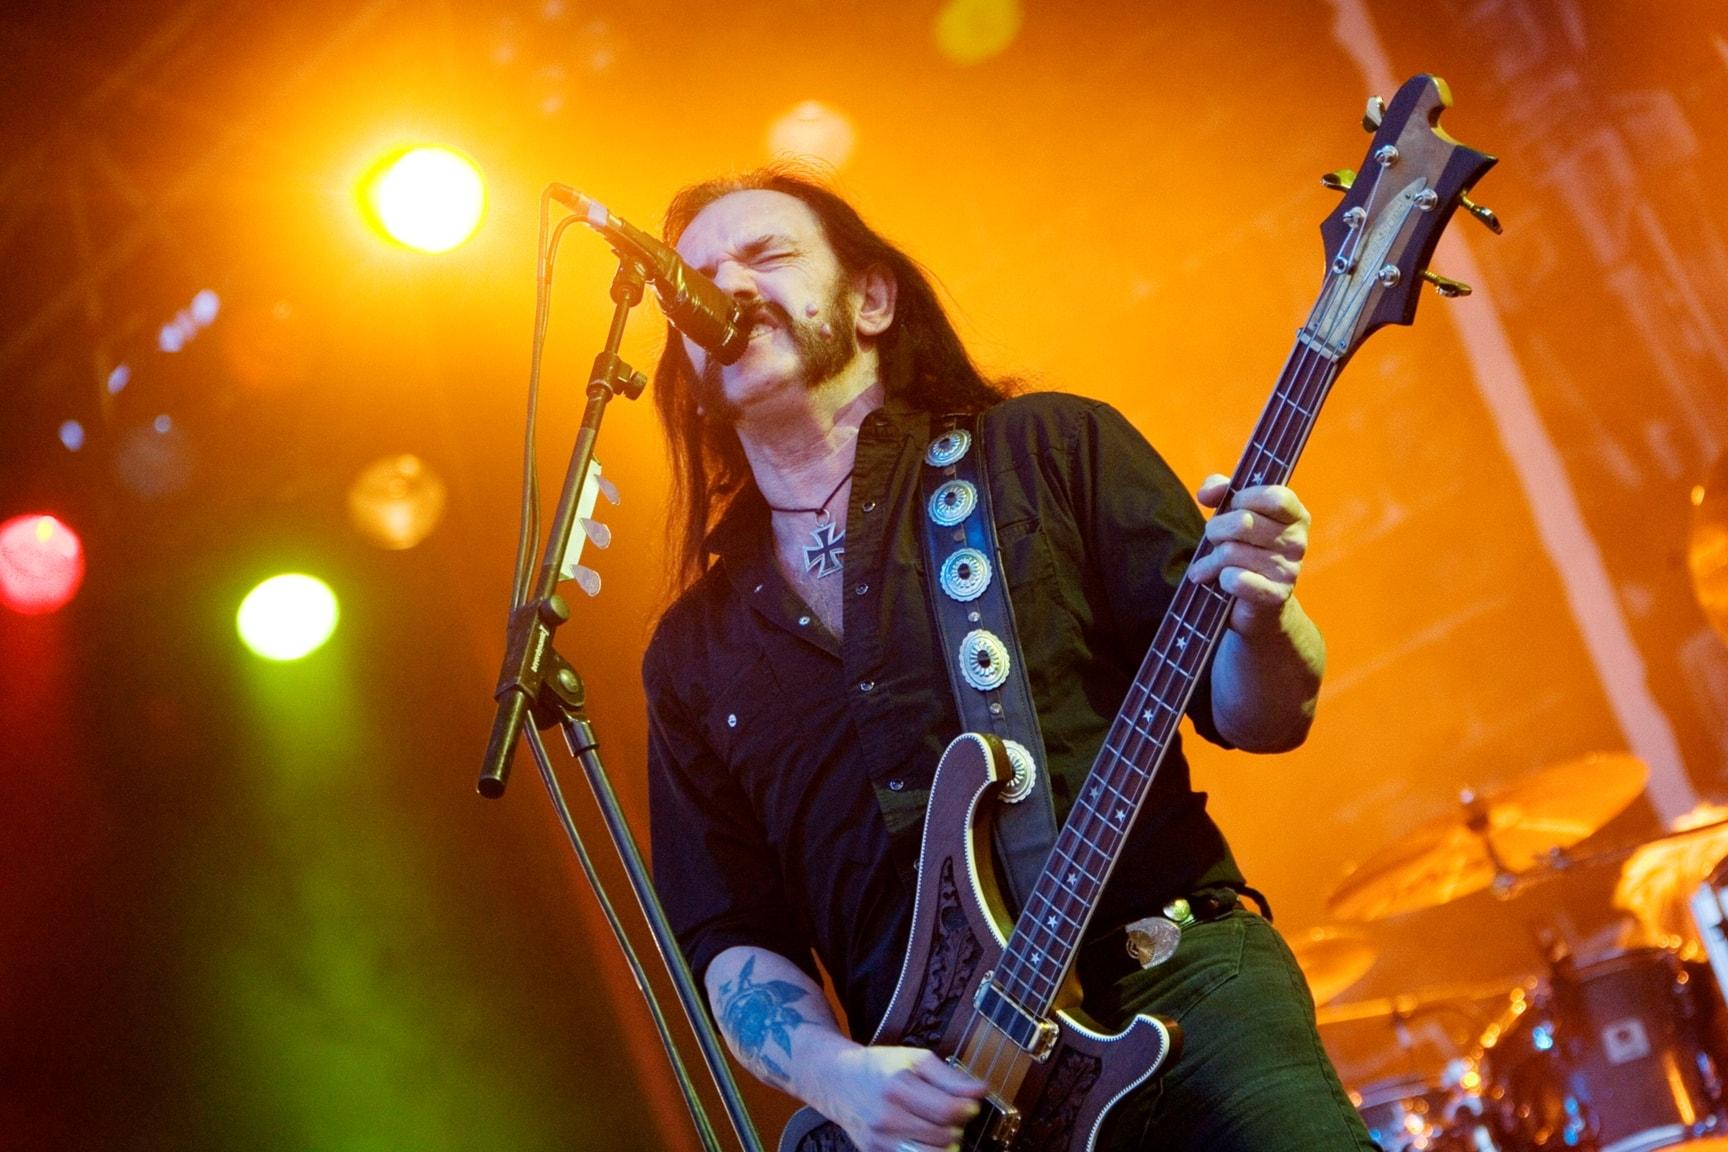 Musikspecial i P4 Hårda albumklassiker: Motörhead - Ace of Spades